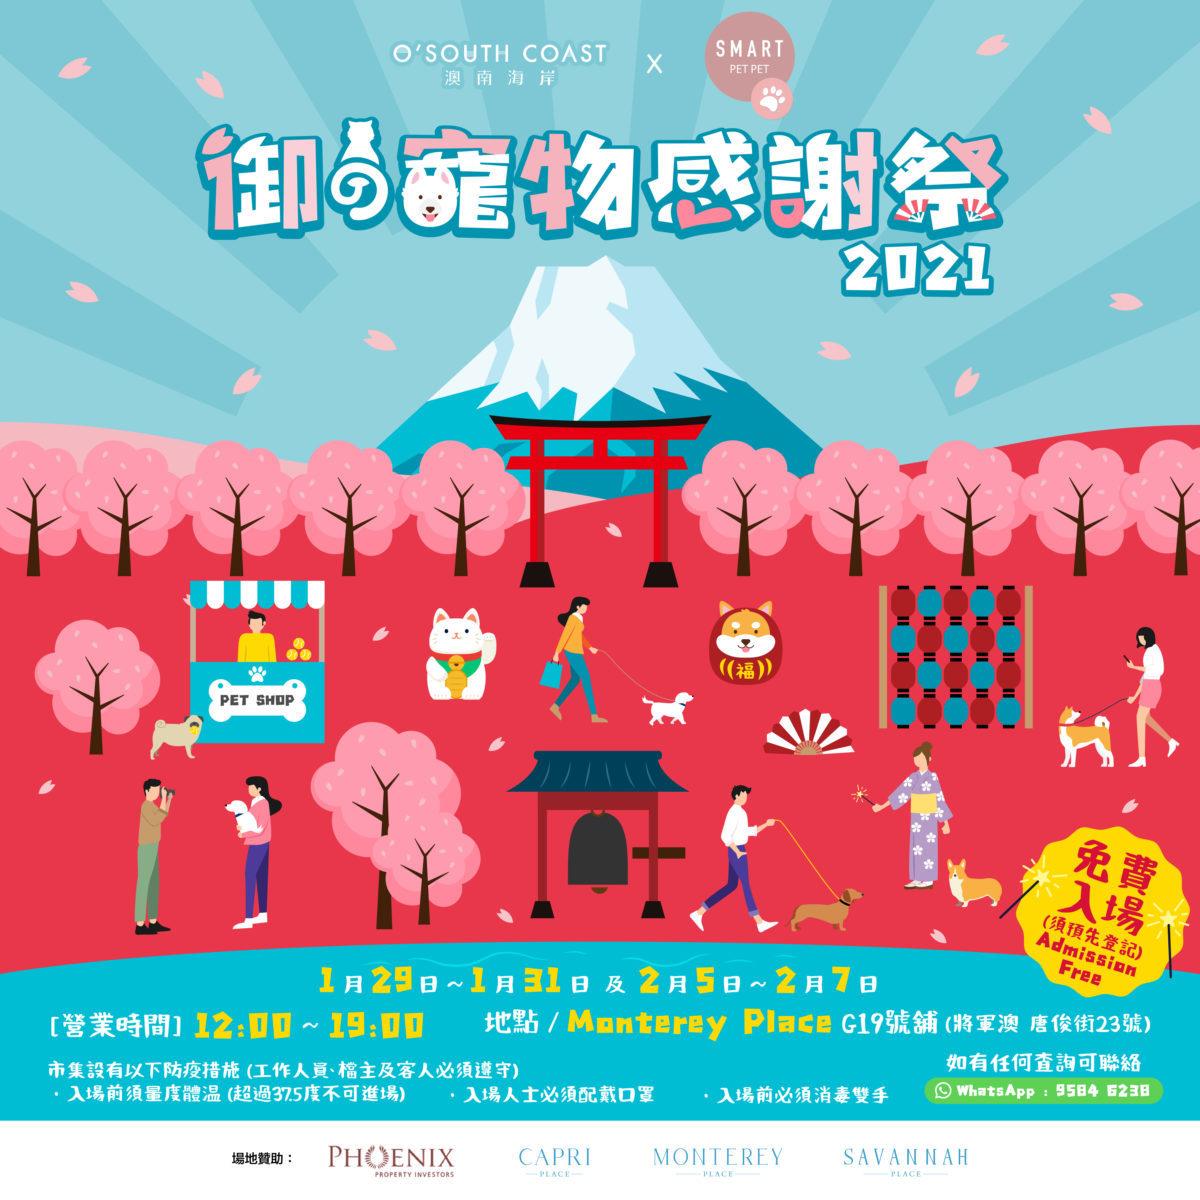 御之寵物感謝祭_square poster-01 (1)